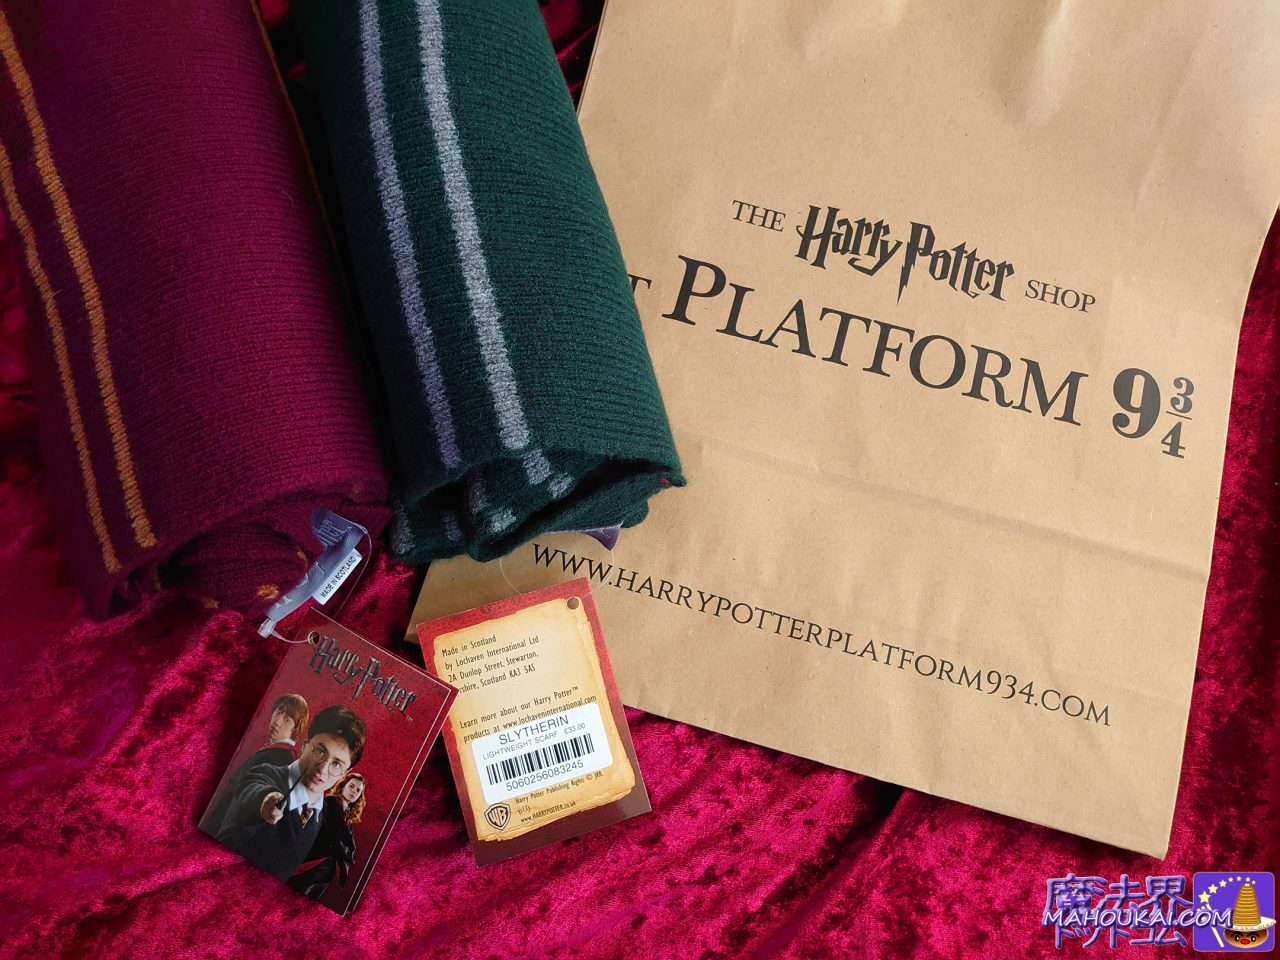 ハリー達が着用していたマフラー(スカーフ)と同じレプリカを入手♪